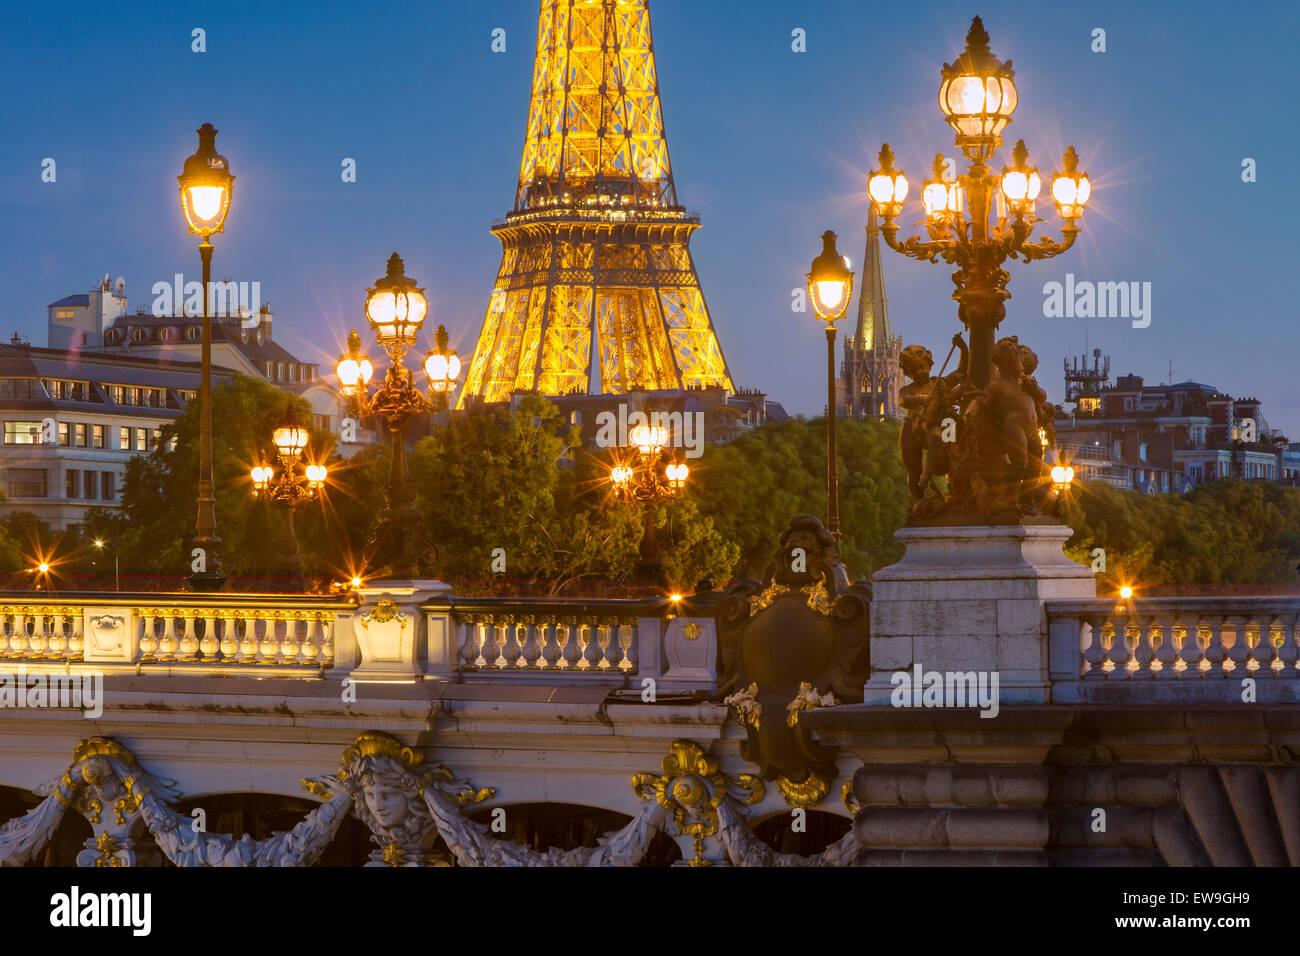 Twilight su luci di Pont Alexandre III con la Torre Eiffel al di là, Parigi, Ile-de-France, Francia Immagini Stock